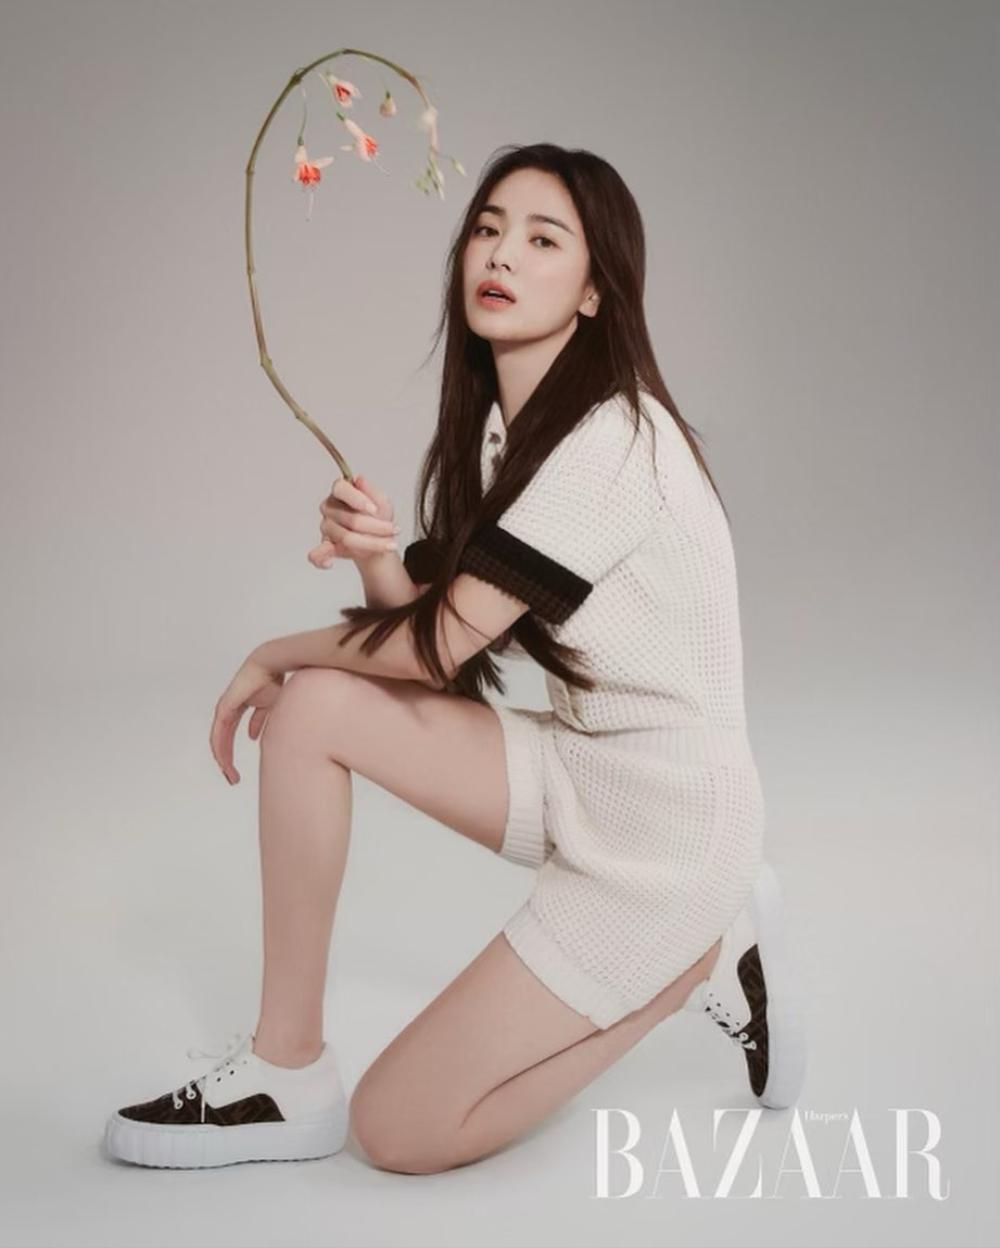 'Vợ chồng' Song Hye Kyo - Song Joong Ki đọ sắc: 'Em không là nàng thơ, anh cũng không là nhạc sĩ mộng mơ' Ảnh 9